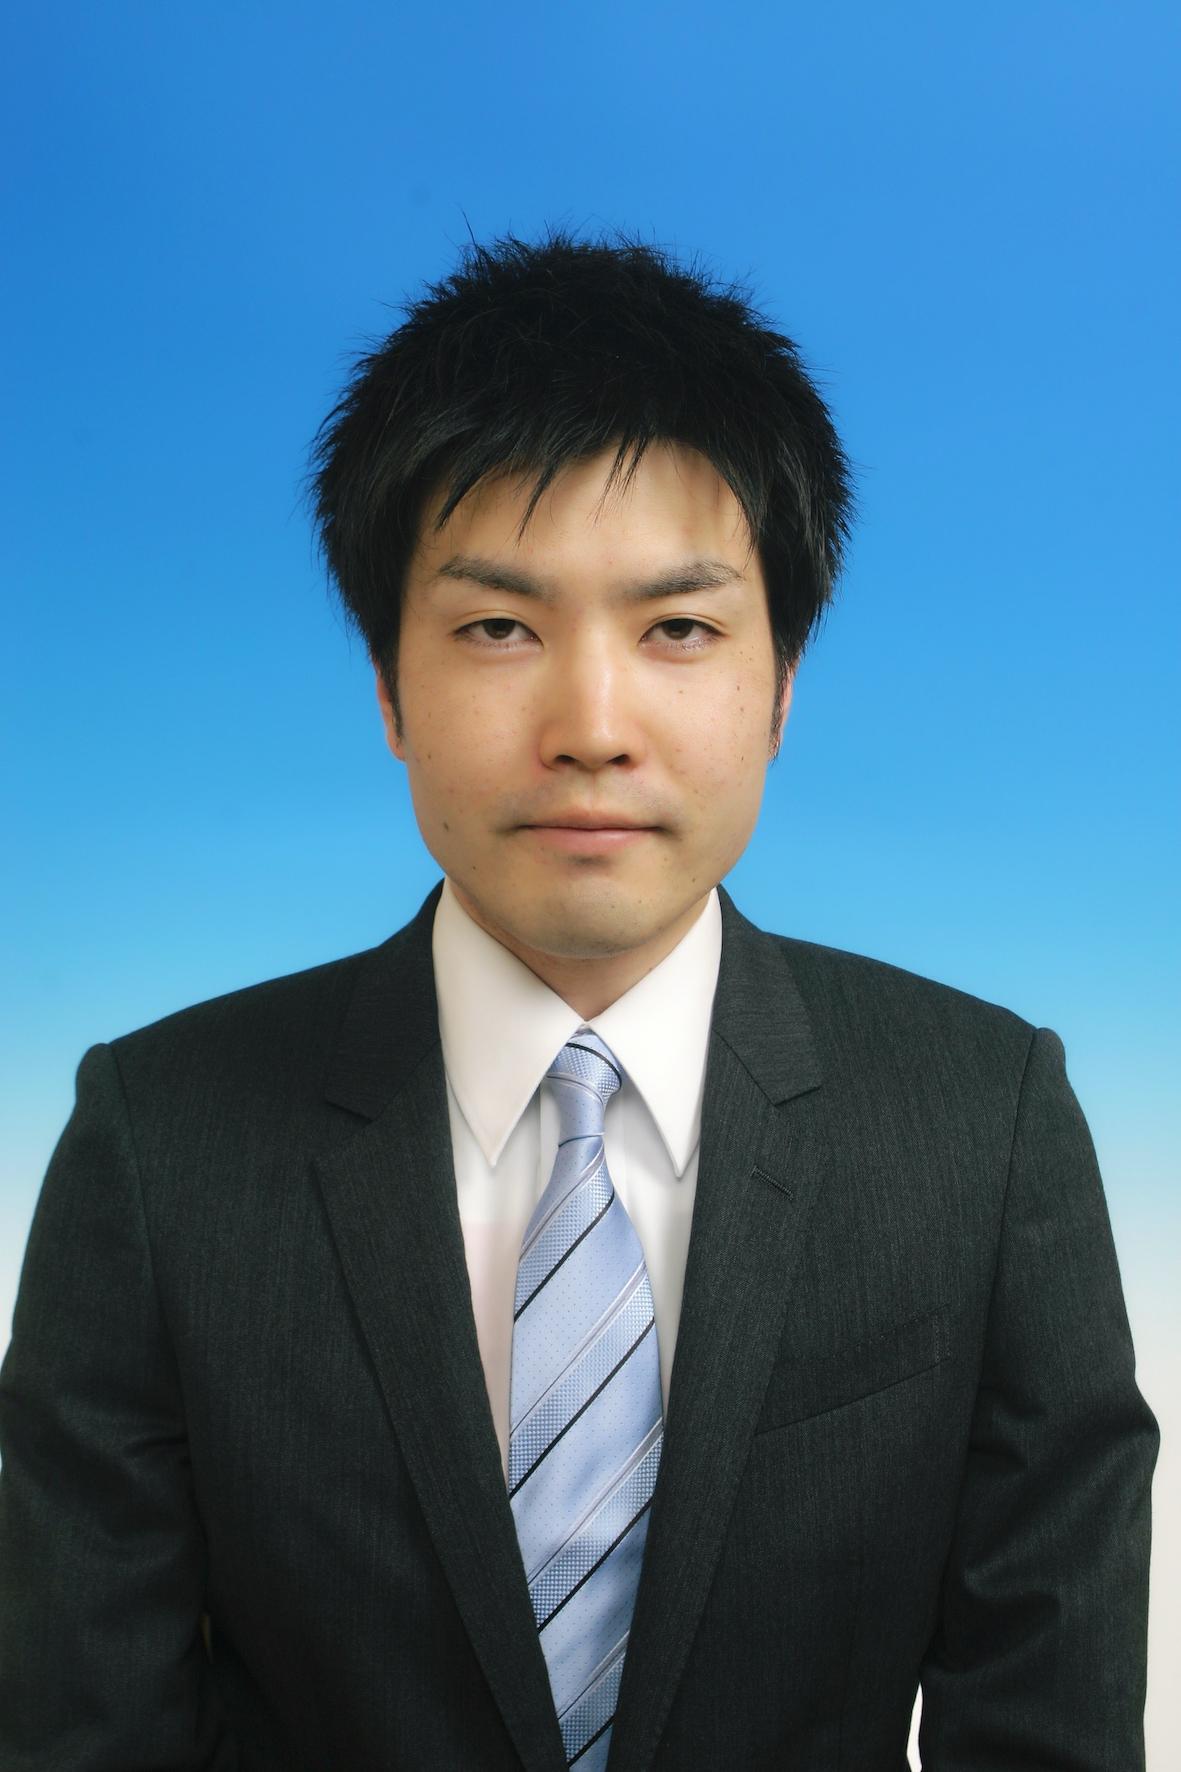 医歯薬学総合研究科 生命薬科学専攻 博士後期課程2年生の吉村 光 君(薬品製造化学研究室)